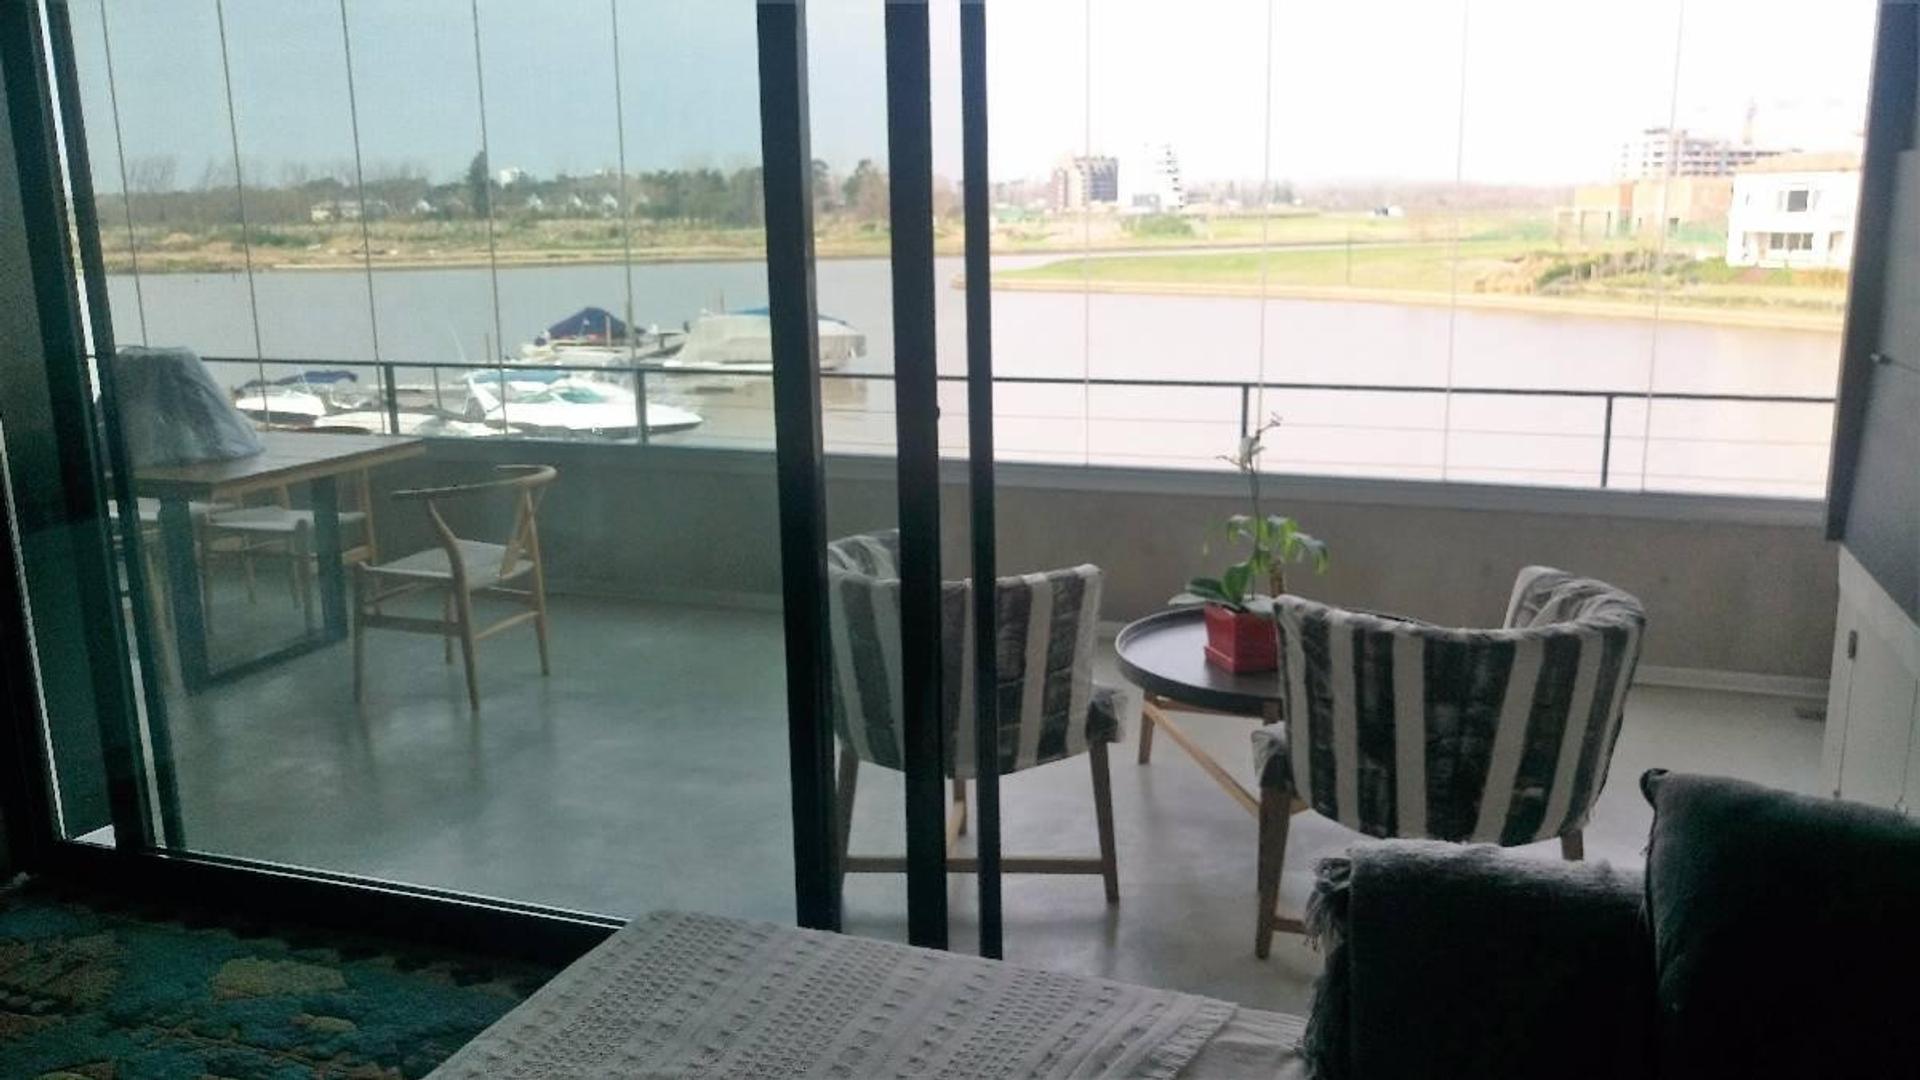 Excelente dpto con vista plena al río en Nordelta, Marina del Yacht